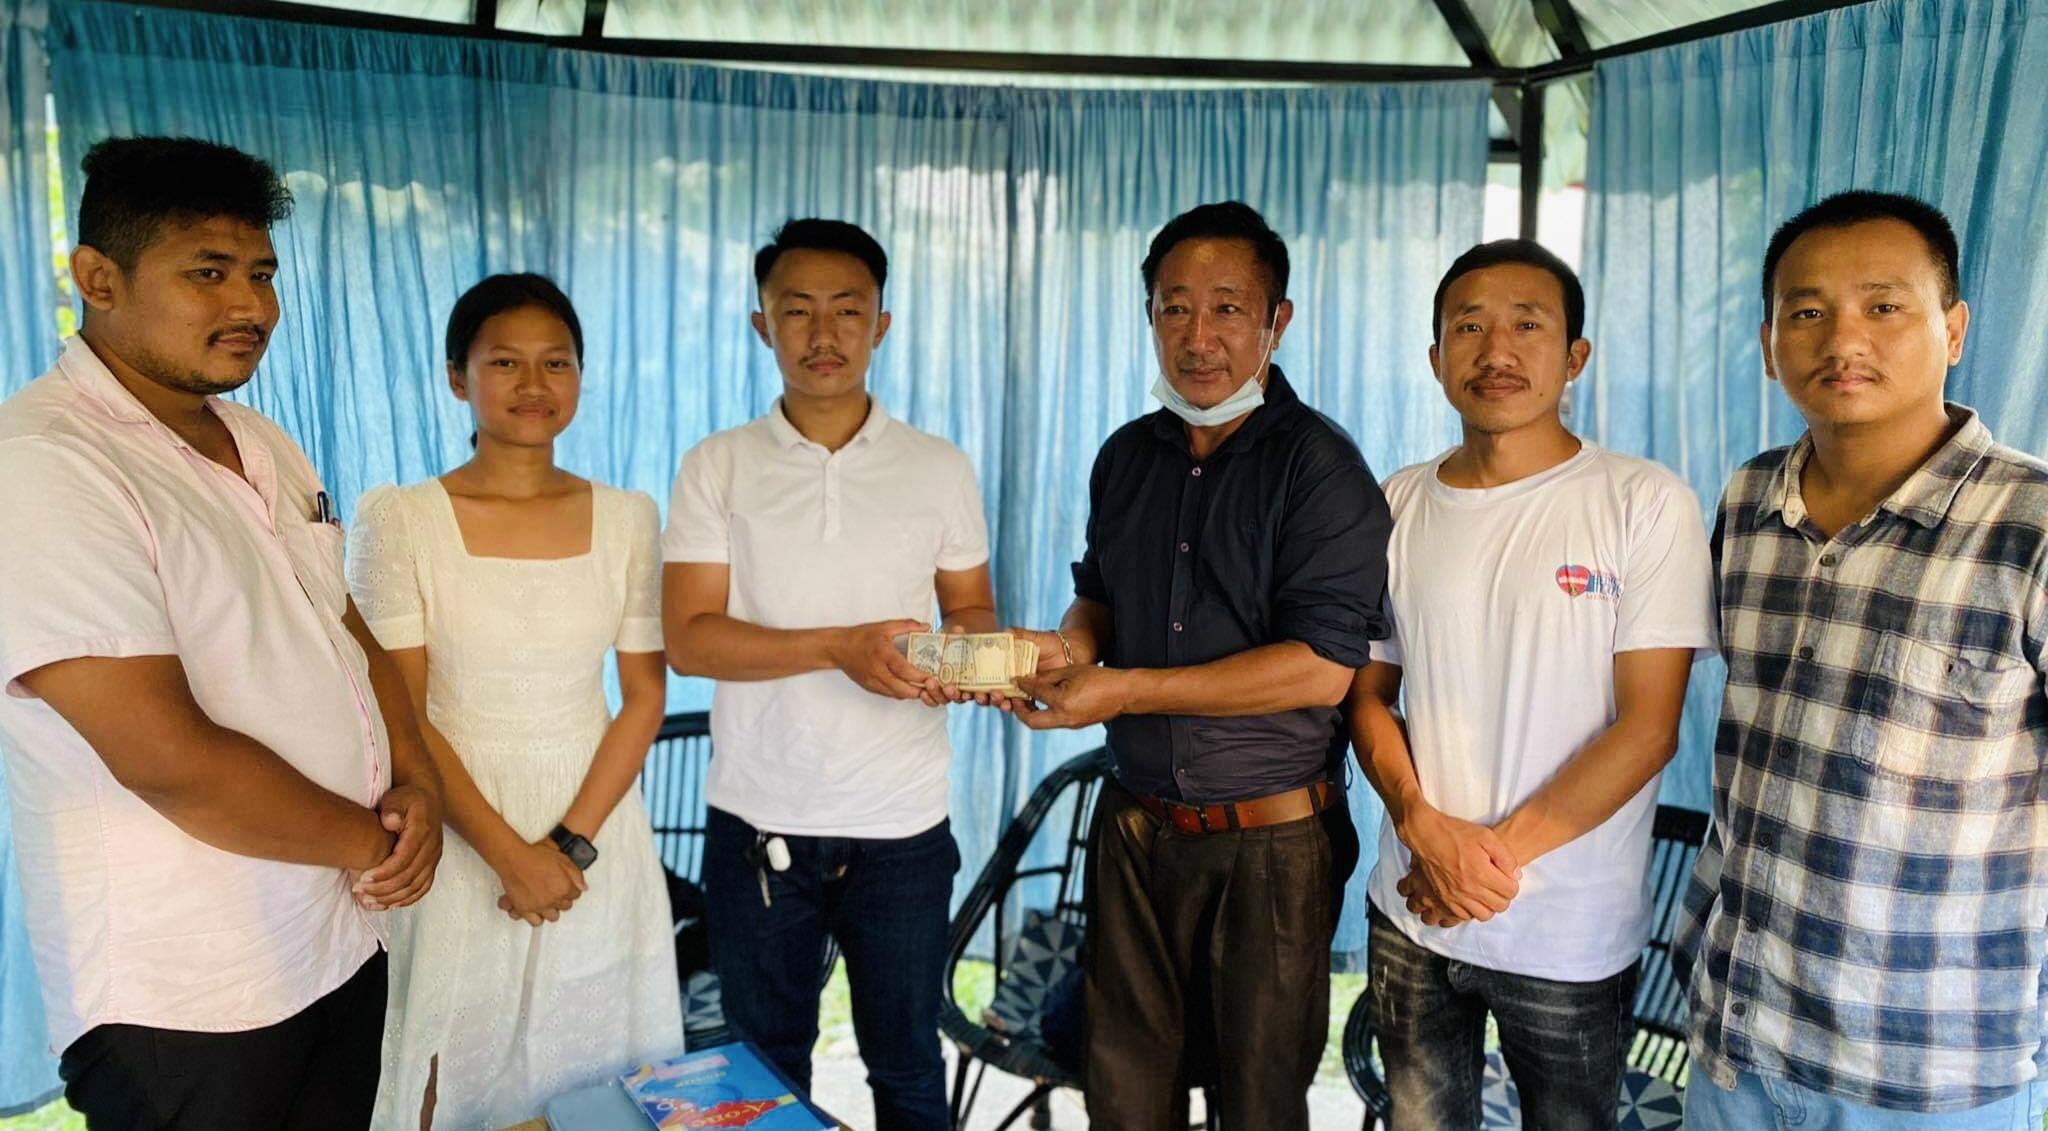 ब्लड क्यानसरबाट पीडित छितिज साम्सोहाङको उपचारमा सहयोग रकम जुट्दैं